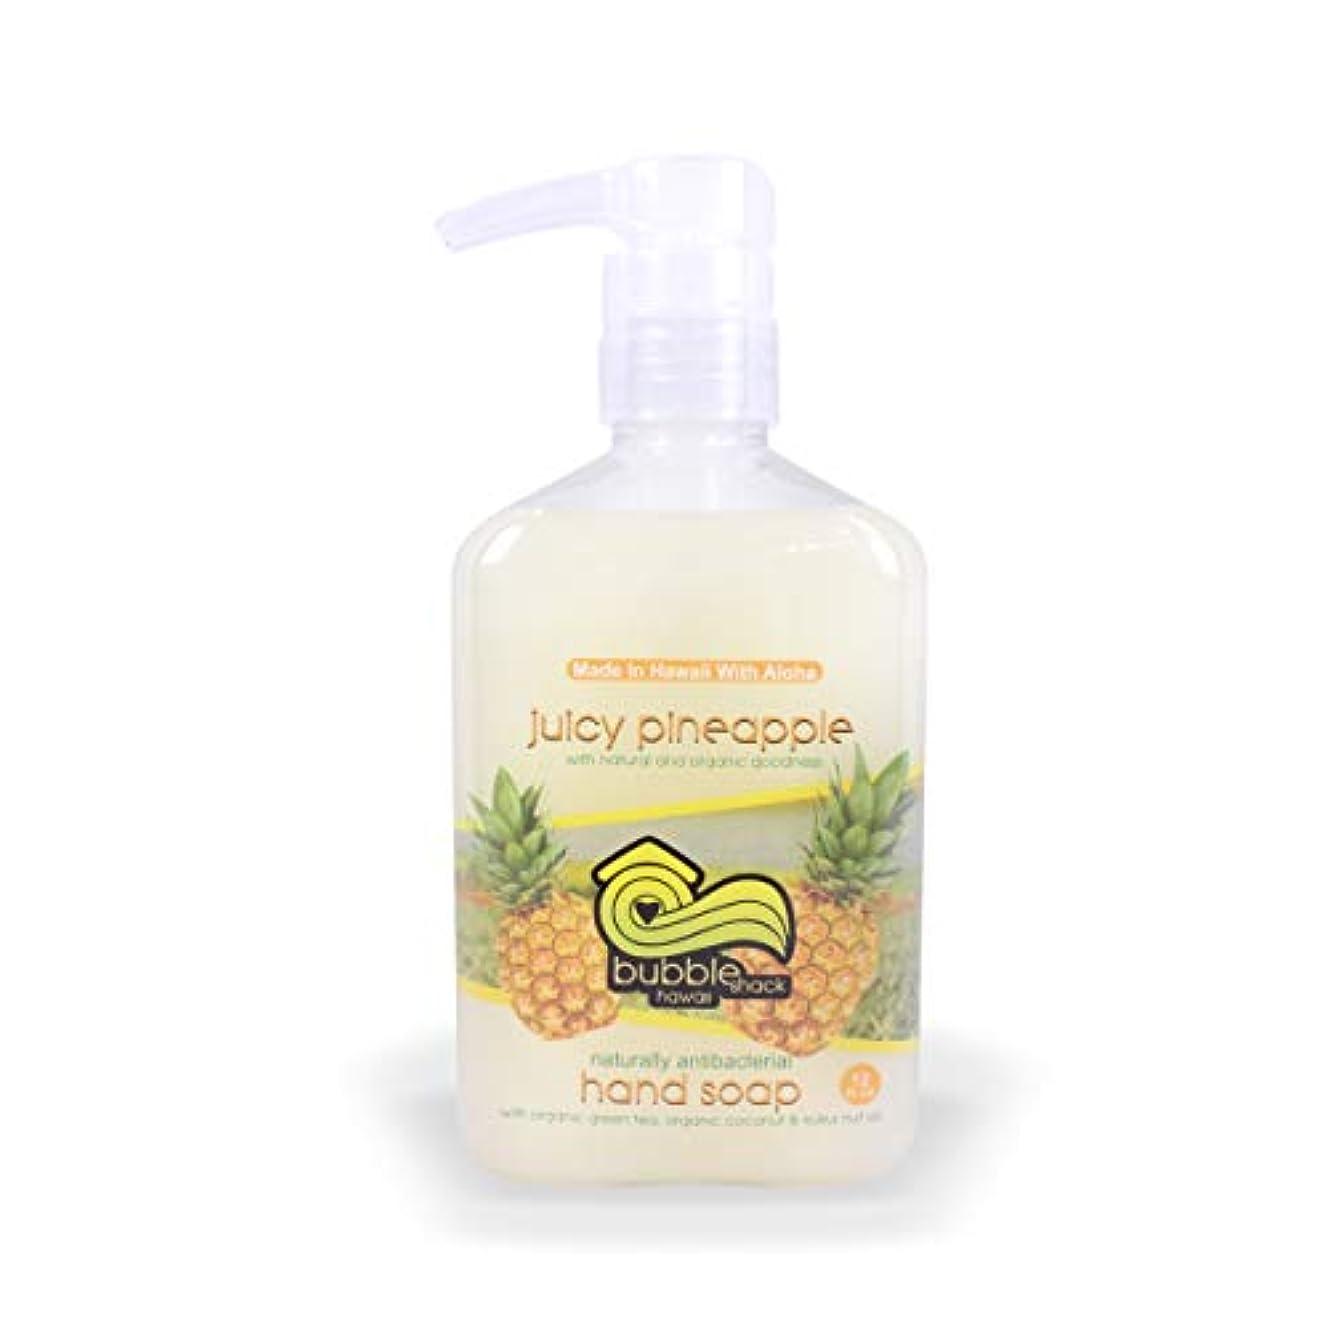 受取人ユニークなまたね【正規輸入品】 バブルシャック?ハワイ Bubble shack Hand Soap ハンドソープ juicy pineapple ジューシーパイナップル 340ml